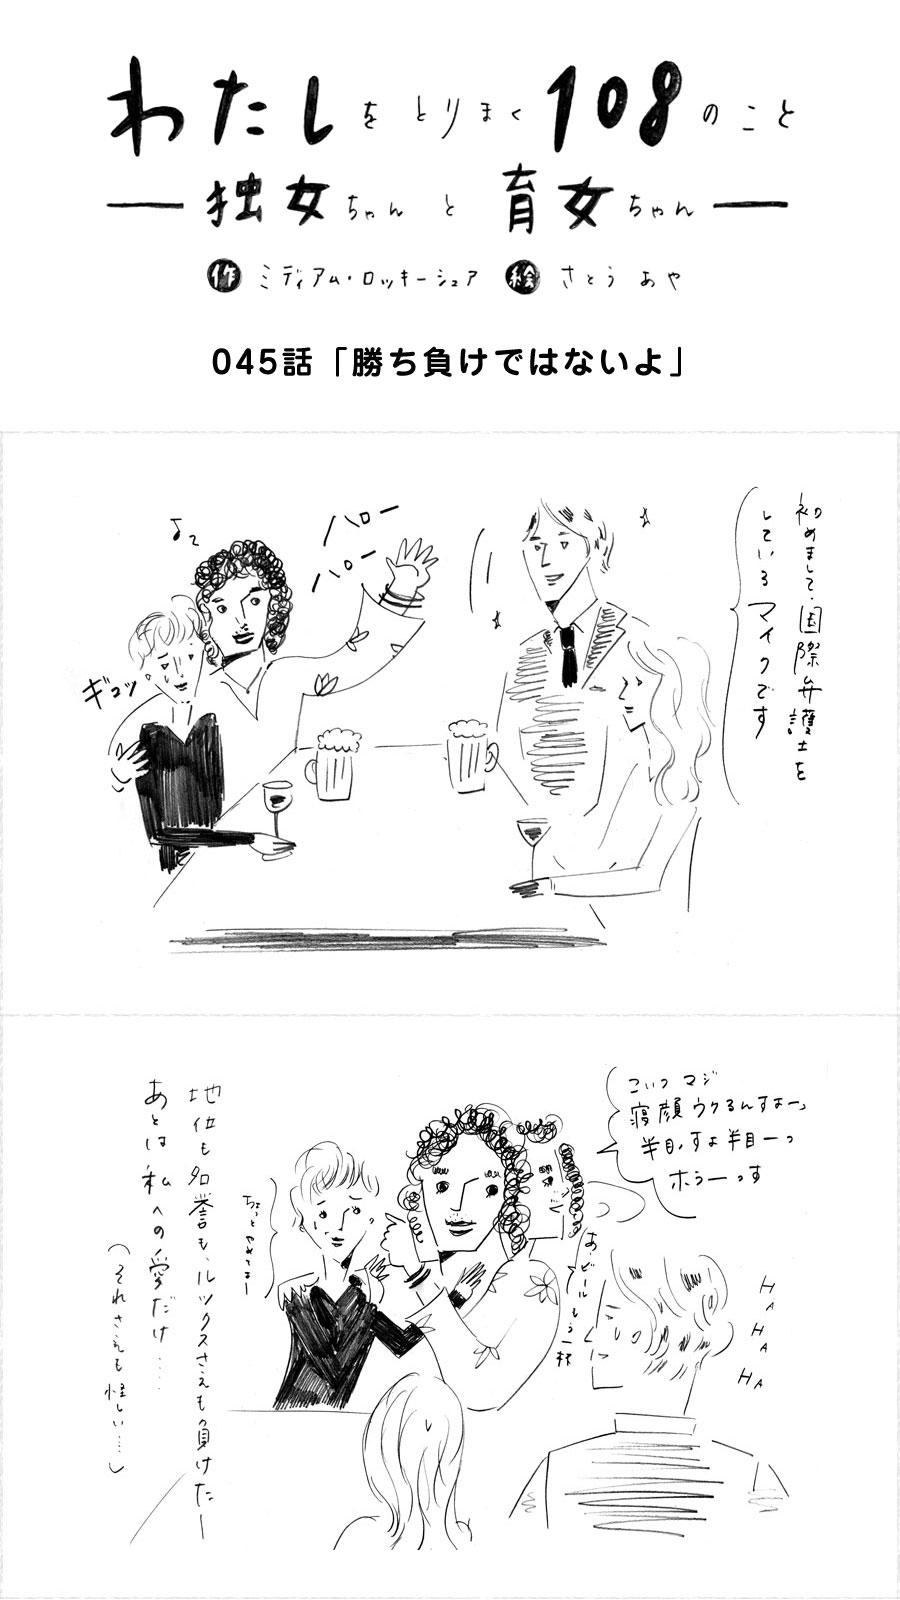 045_勝ち負けではないよ_独女ちゃん_000